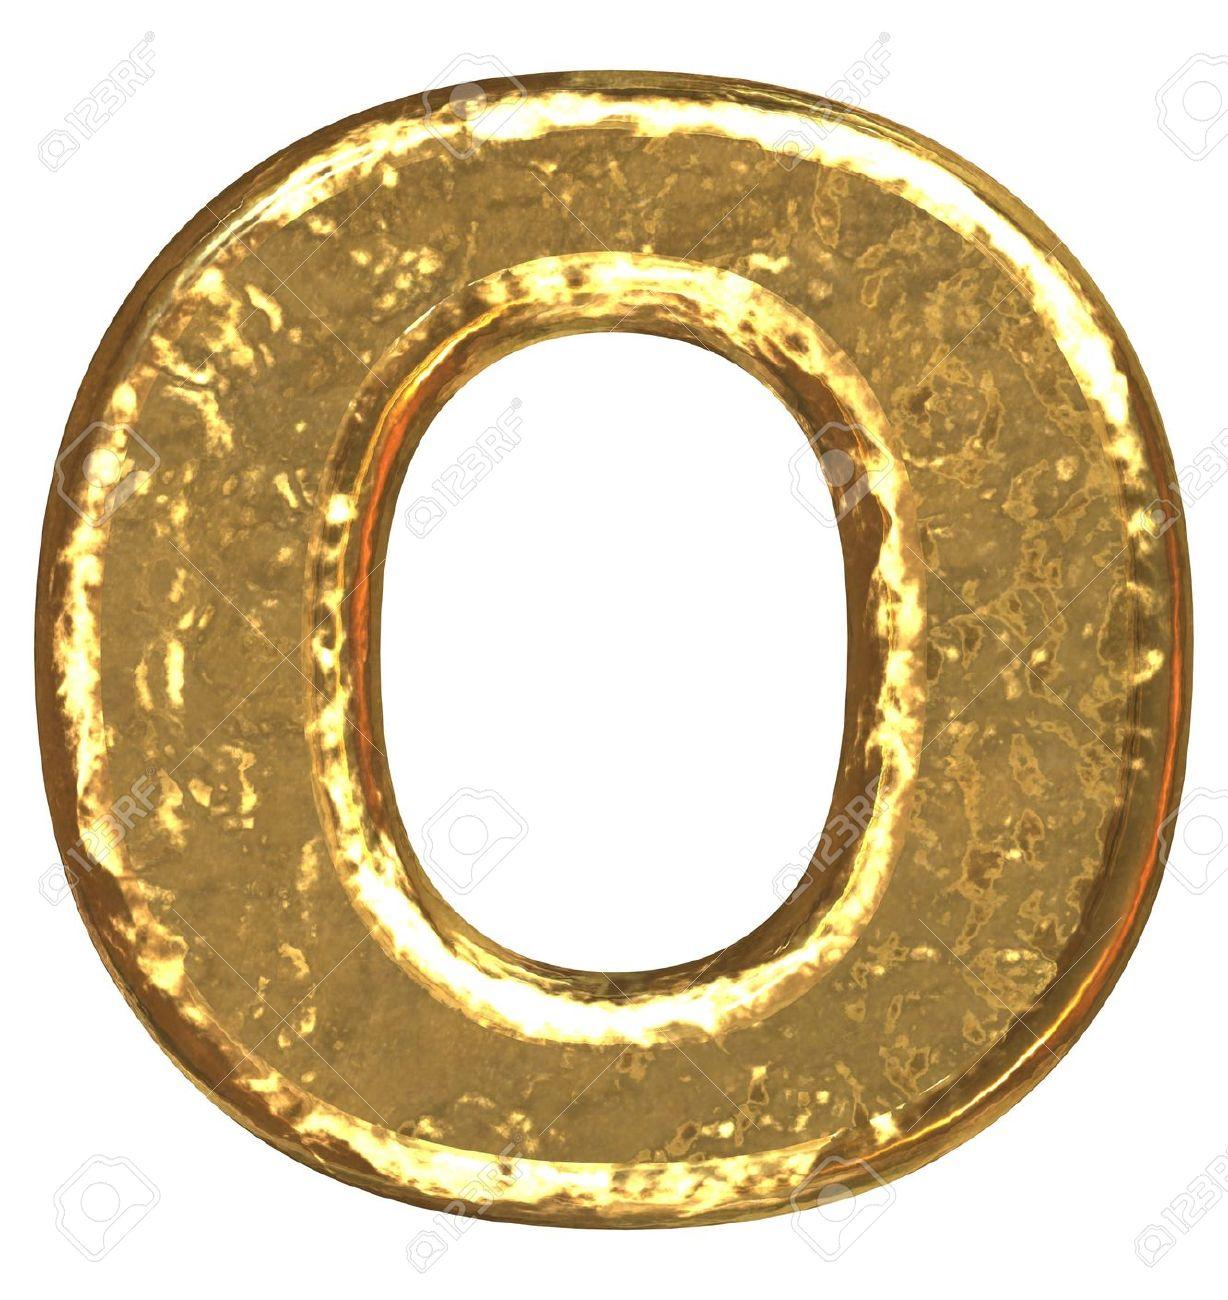 Golden font. Letter O. Stock Photo - 5648678